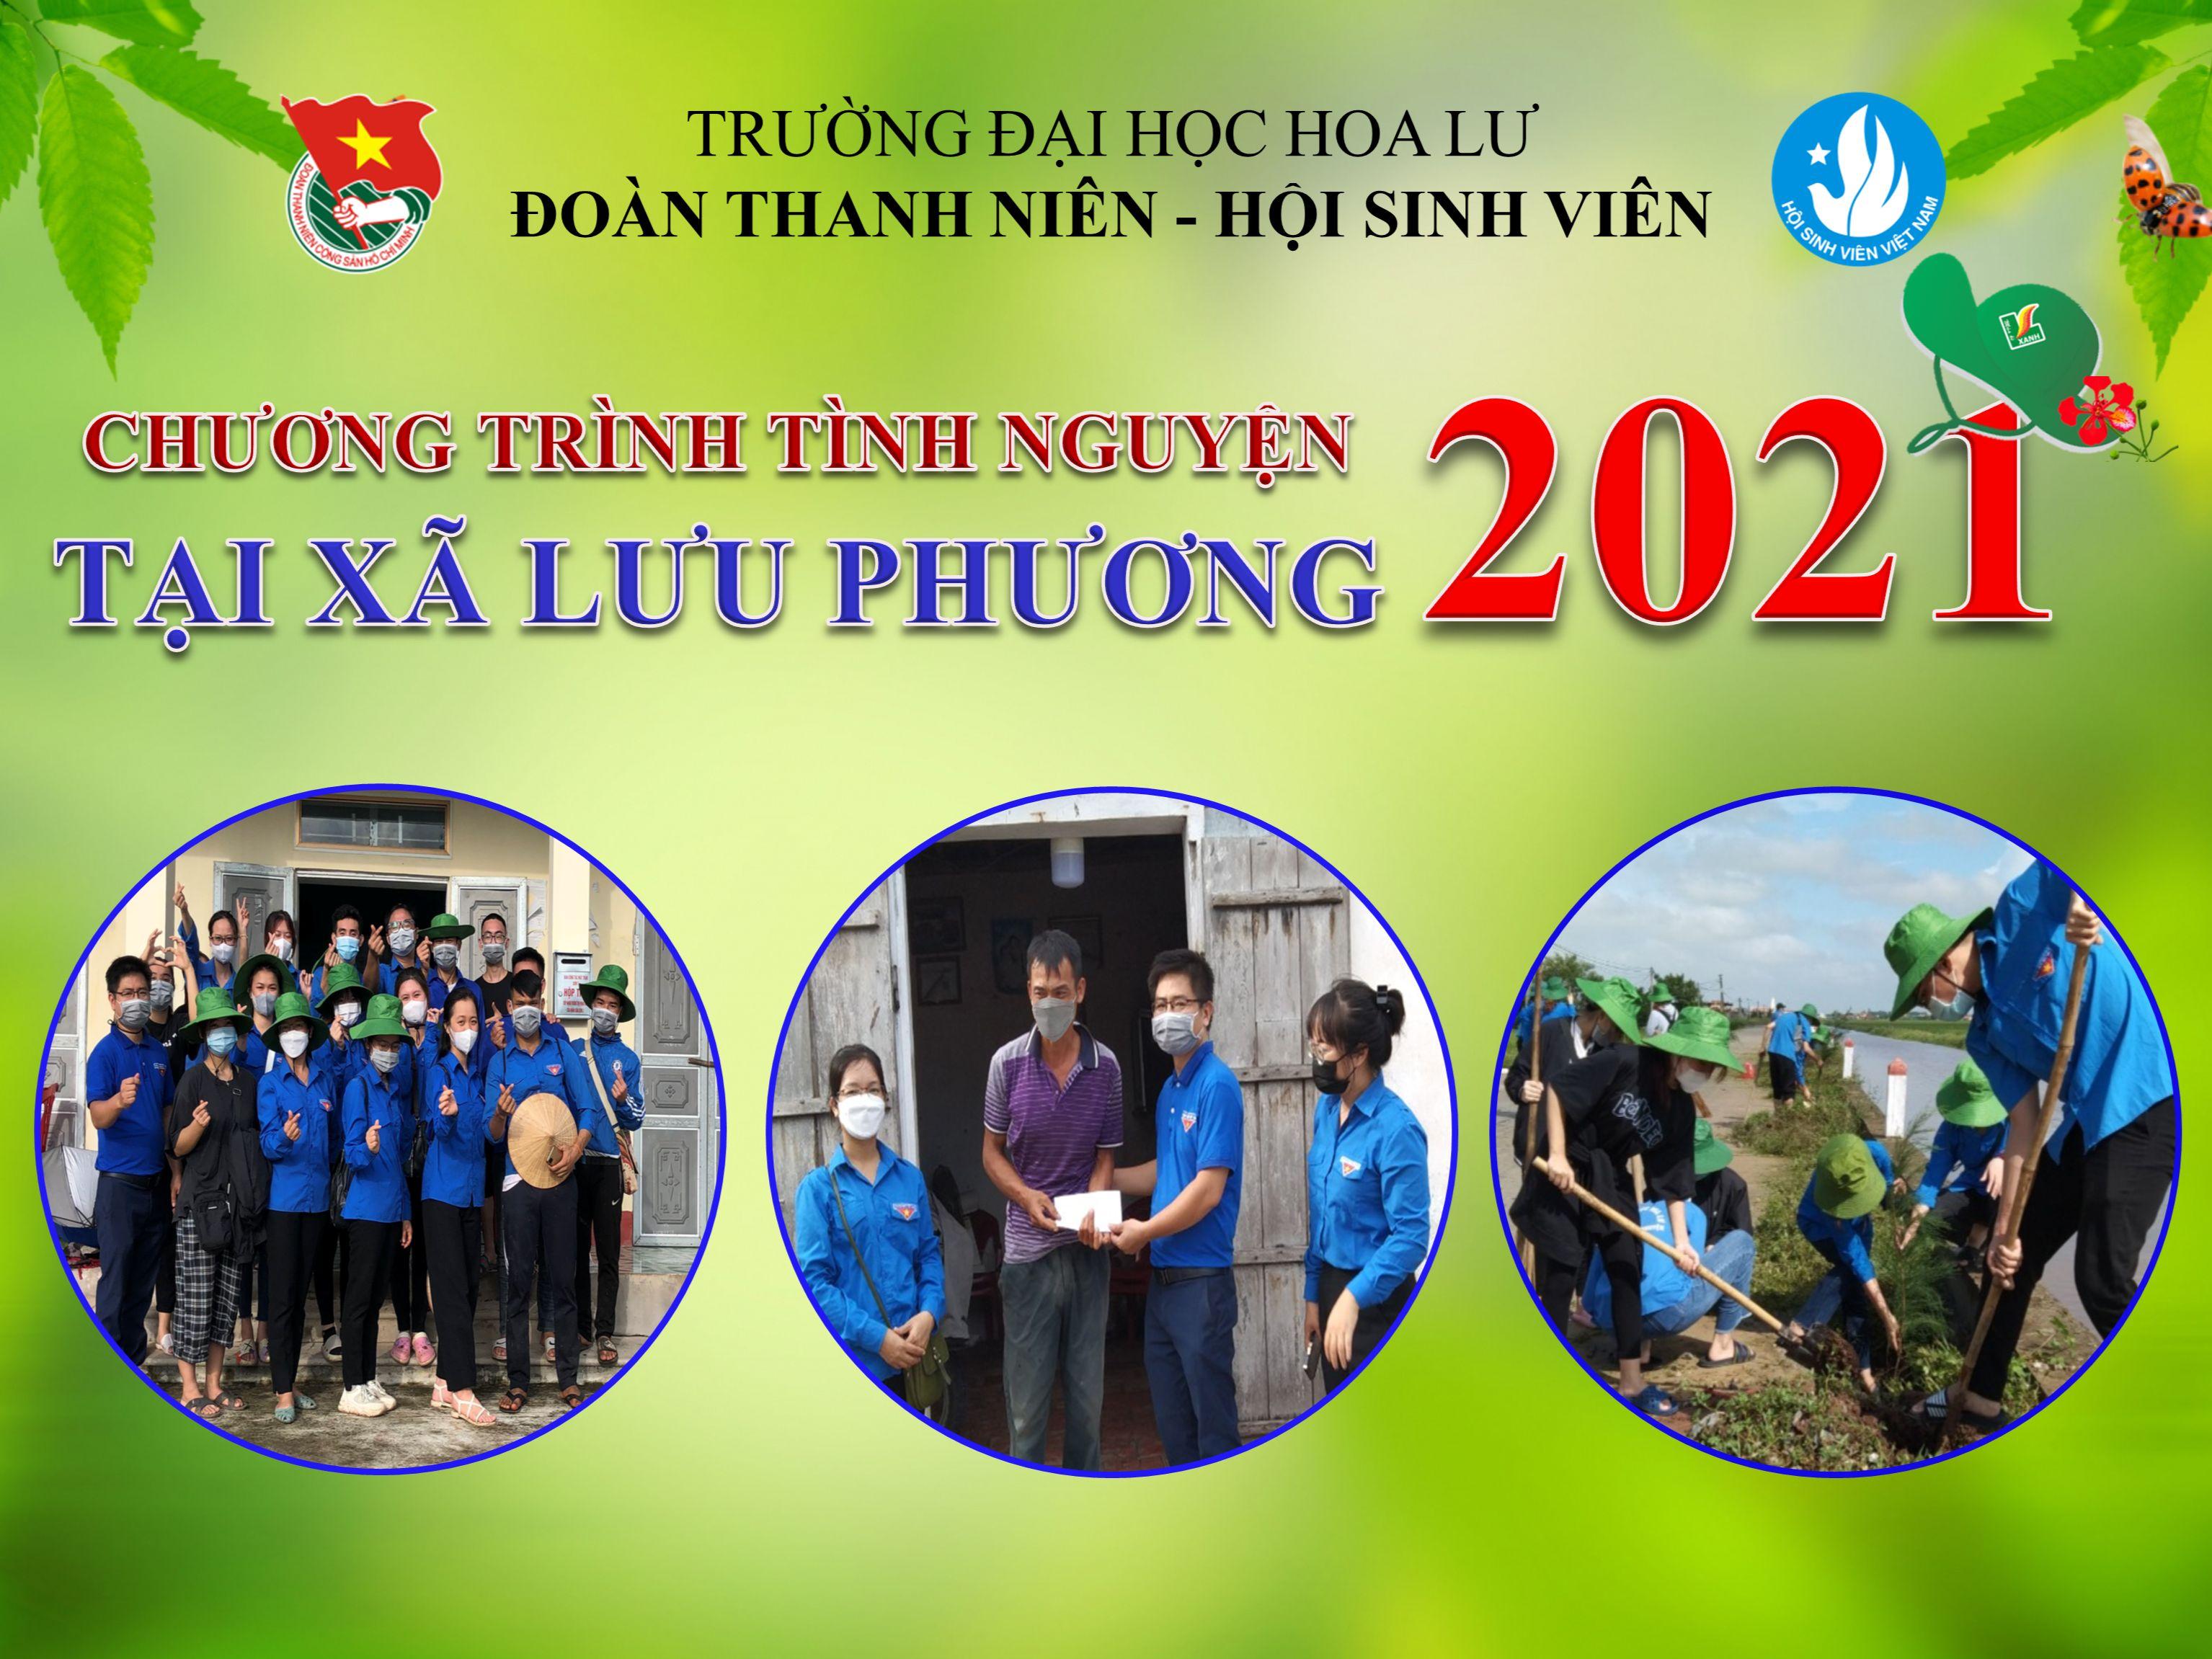 Chương trình tình nguyện năm 2021 của Đoàn thanh niên Trường Đại học Hoa Lư